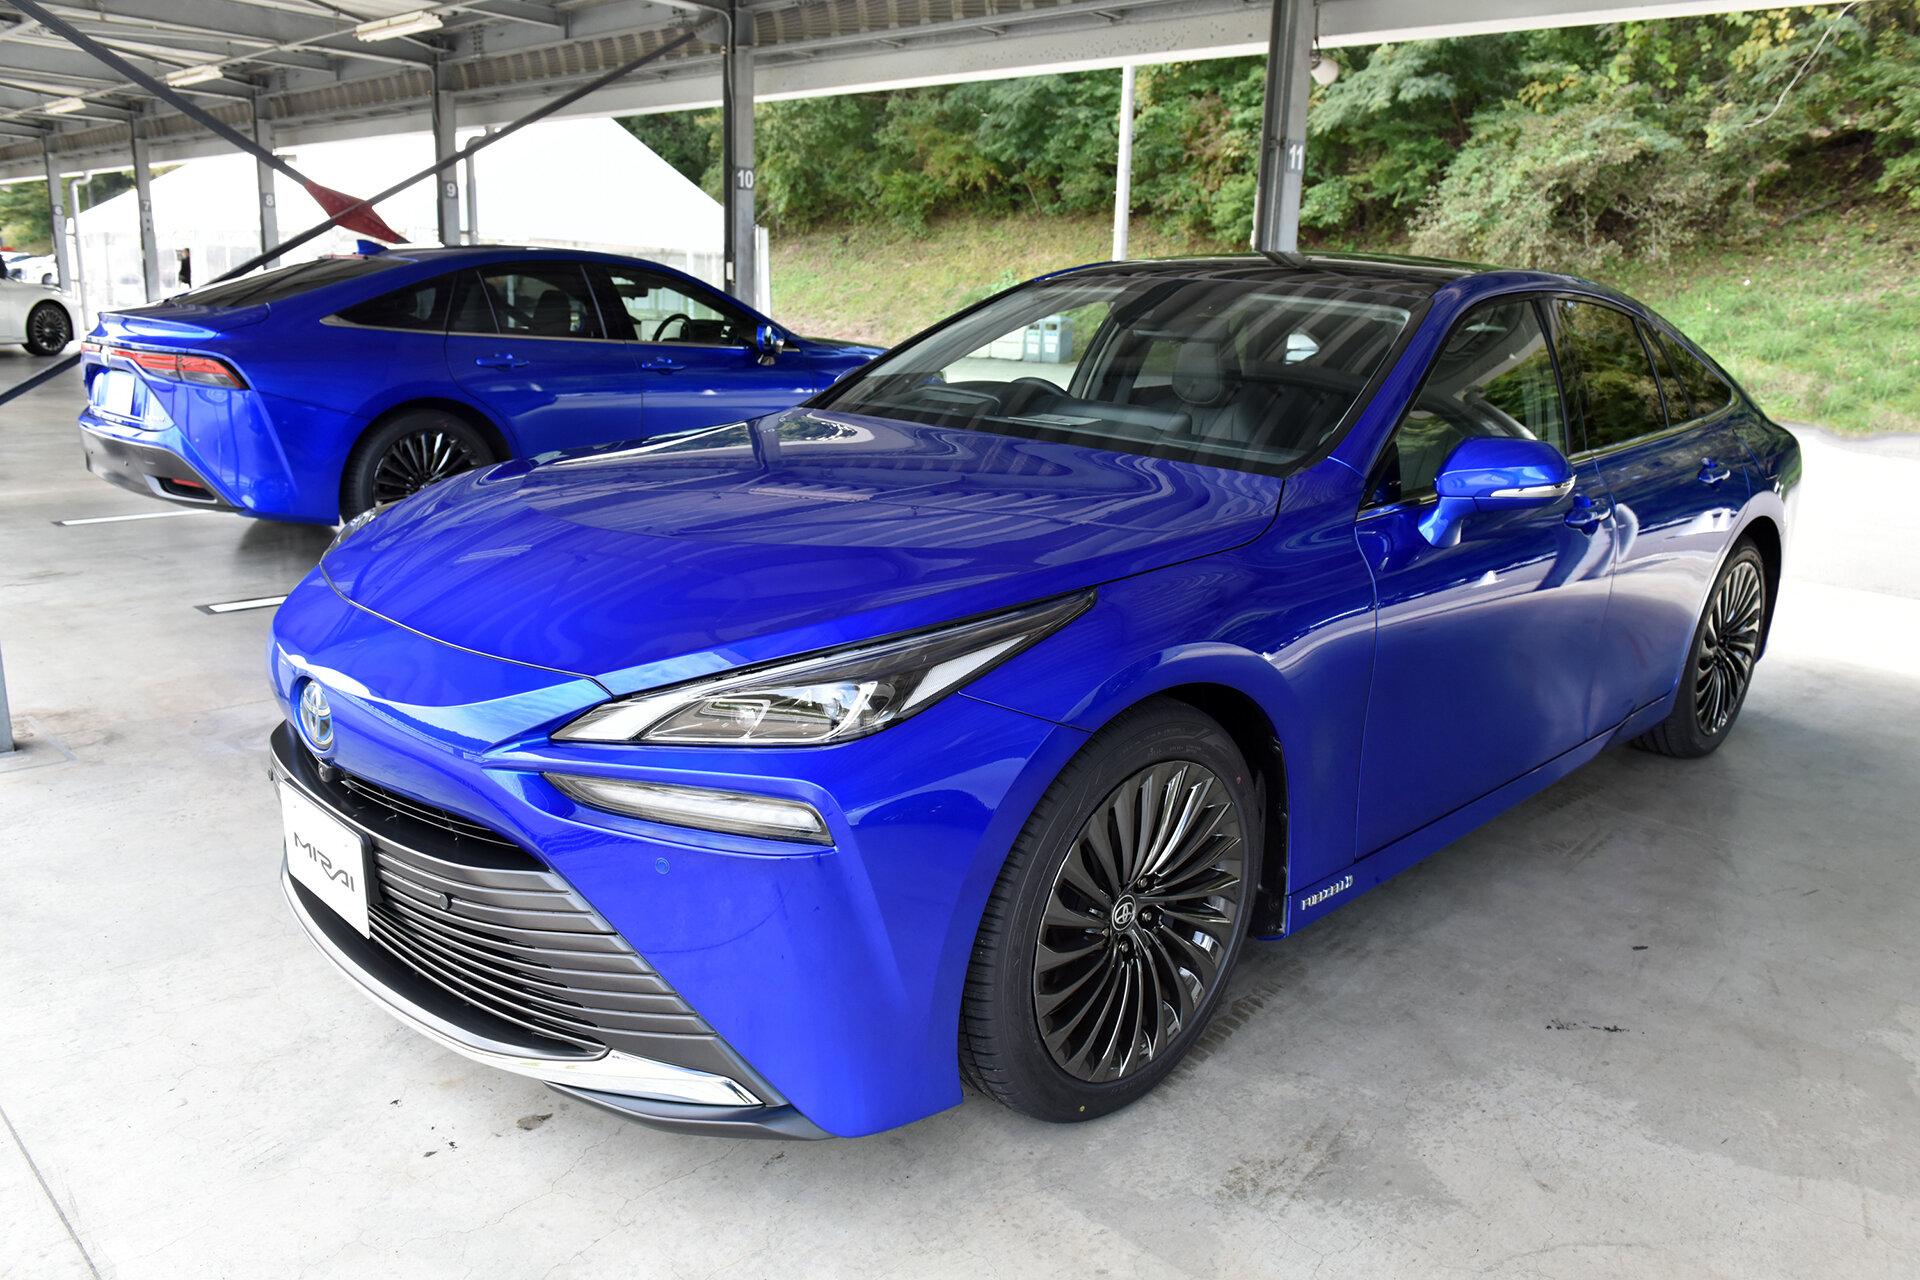 Toyota установила привлекательную цену на Mirai второго поколения: дешевле Tesla Model S